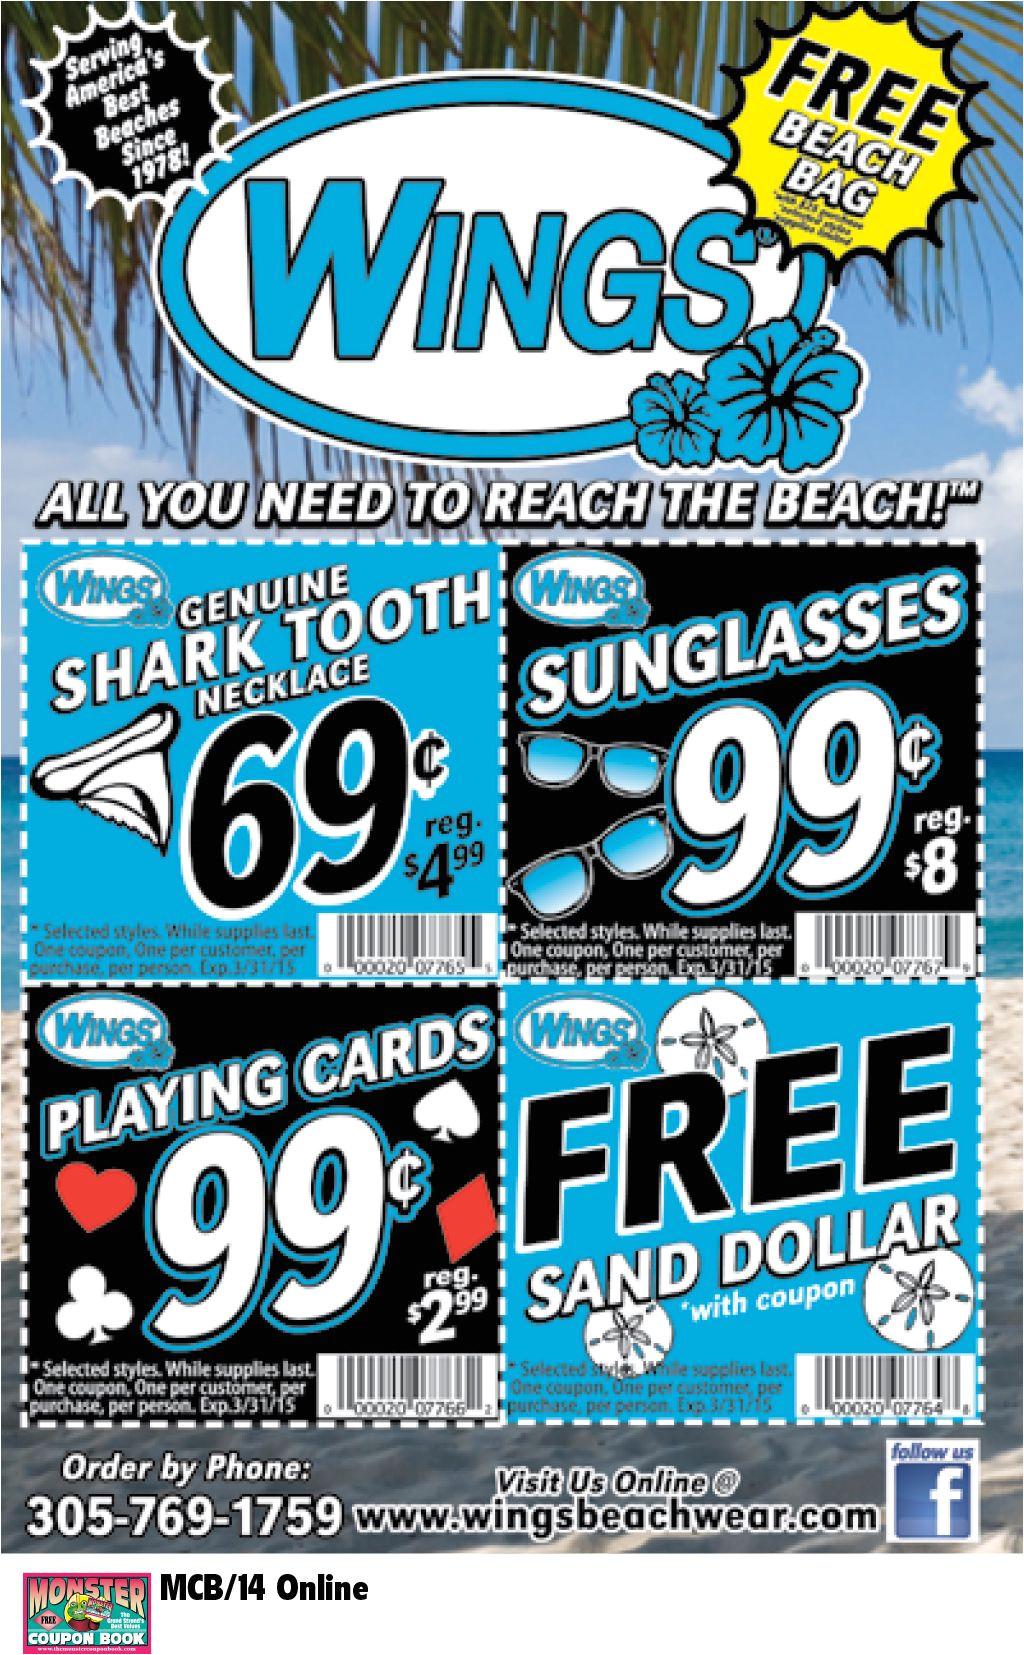 wings beachwear myrtle beach resorts